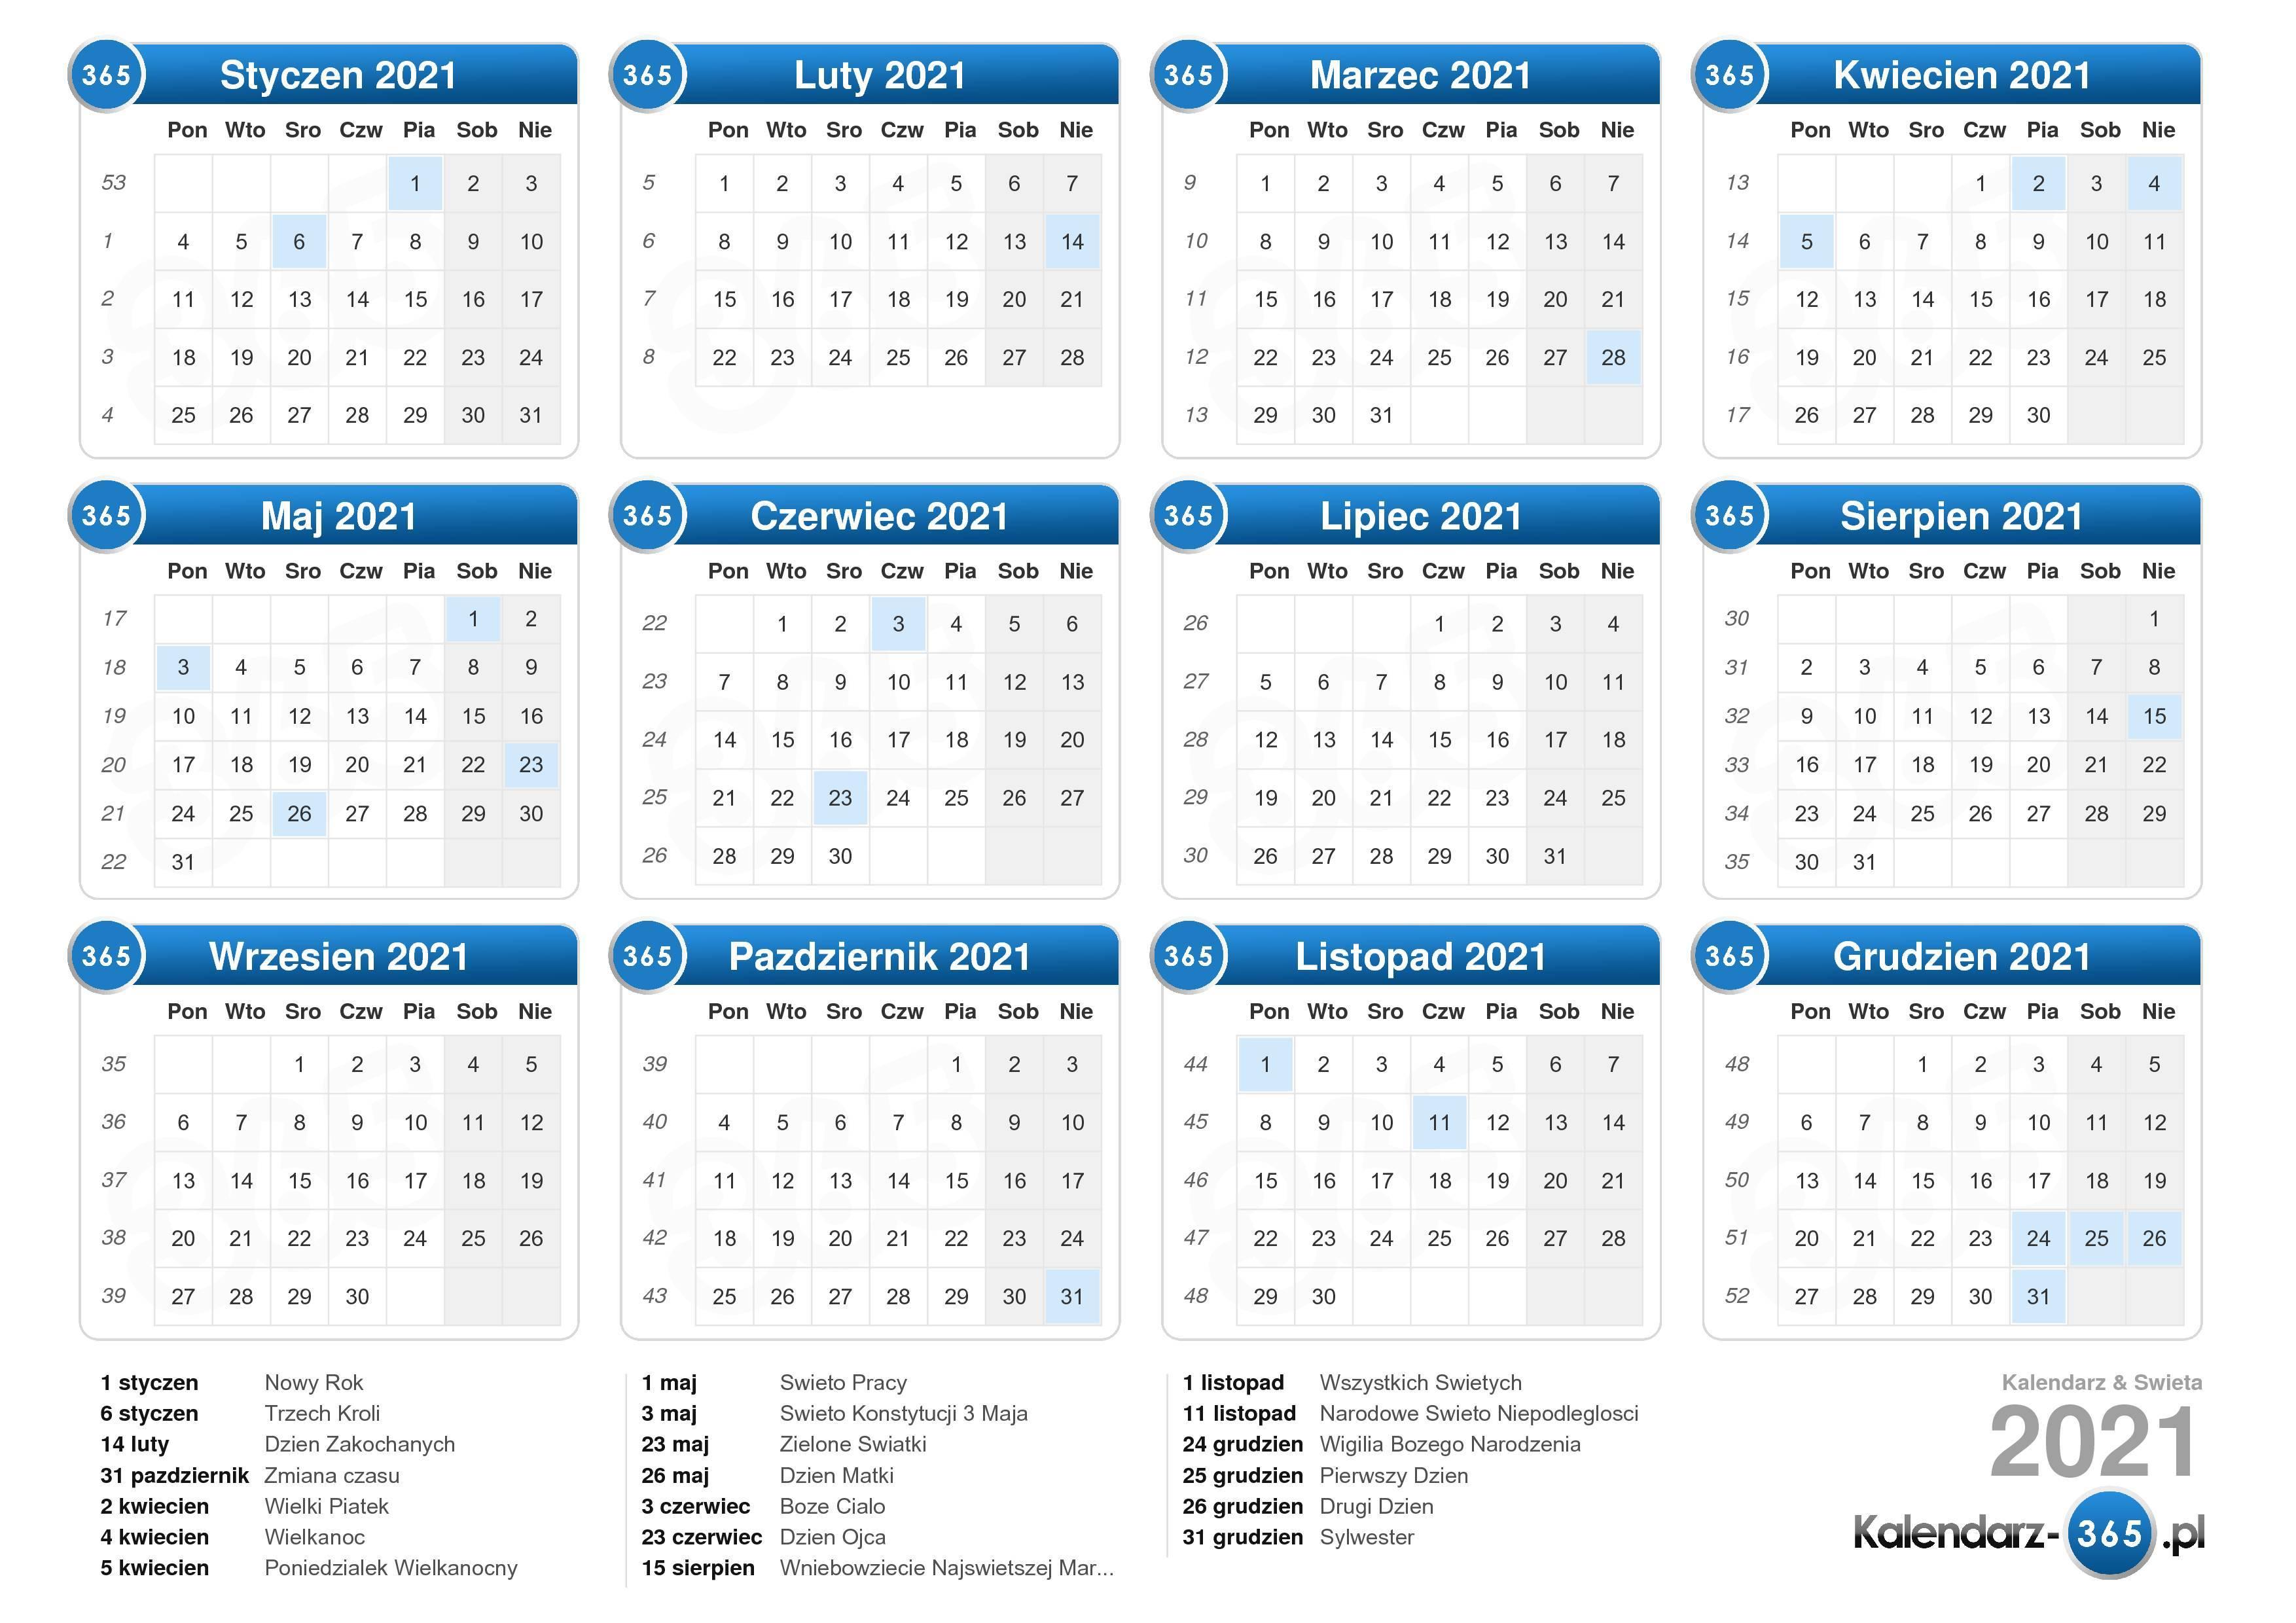 Kalendarium 2021